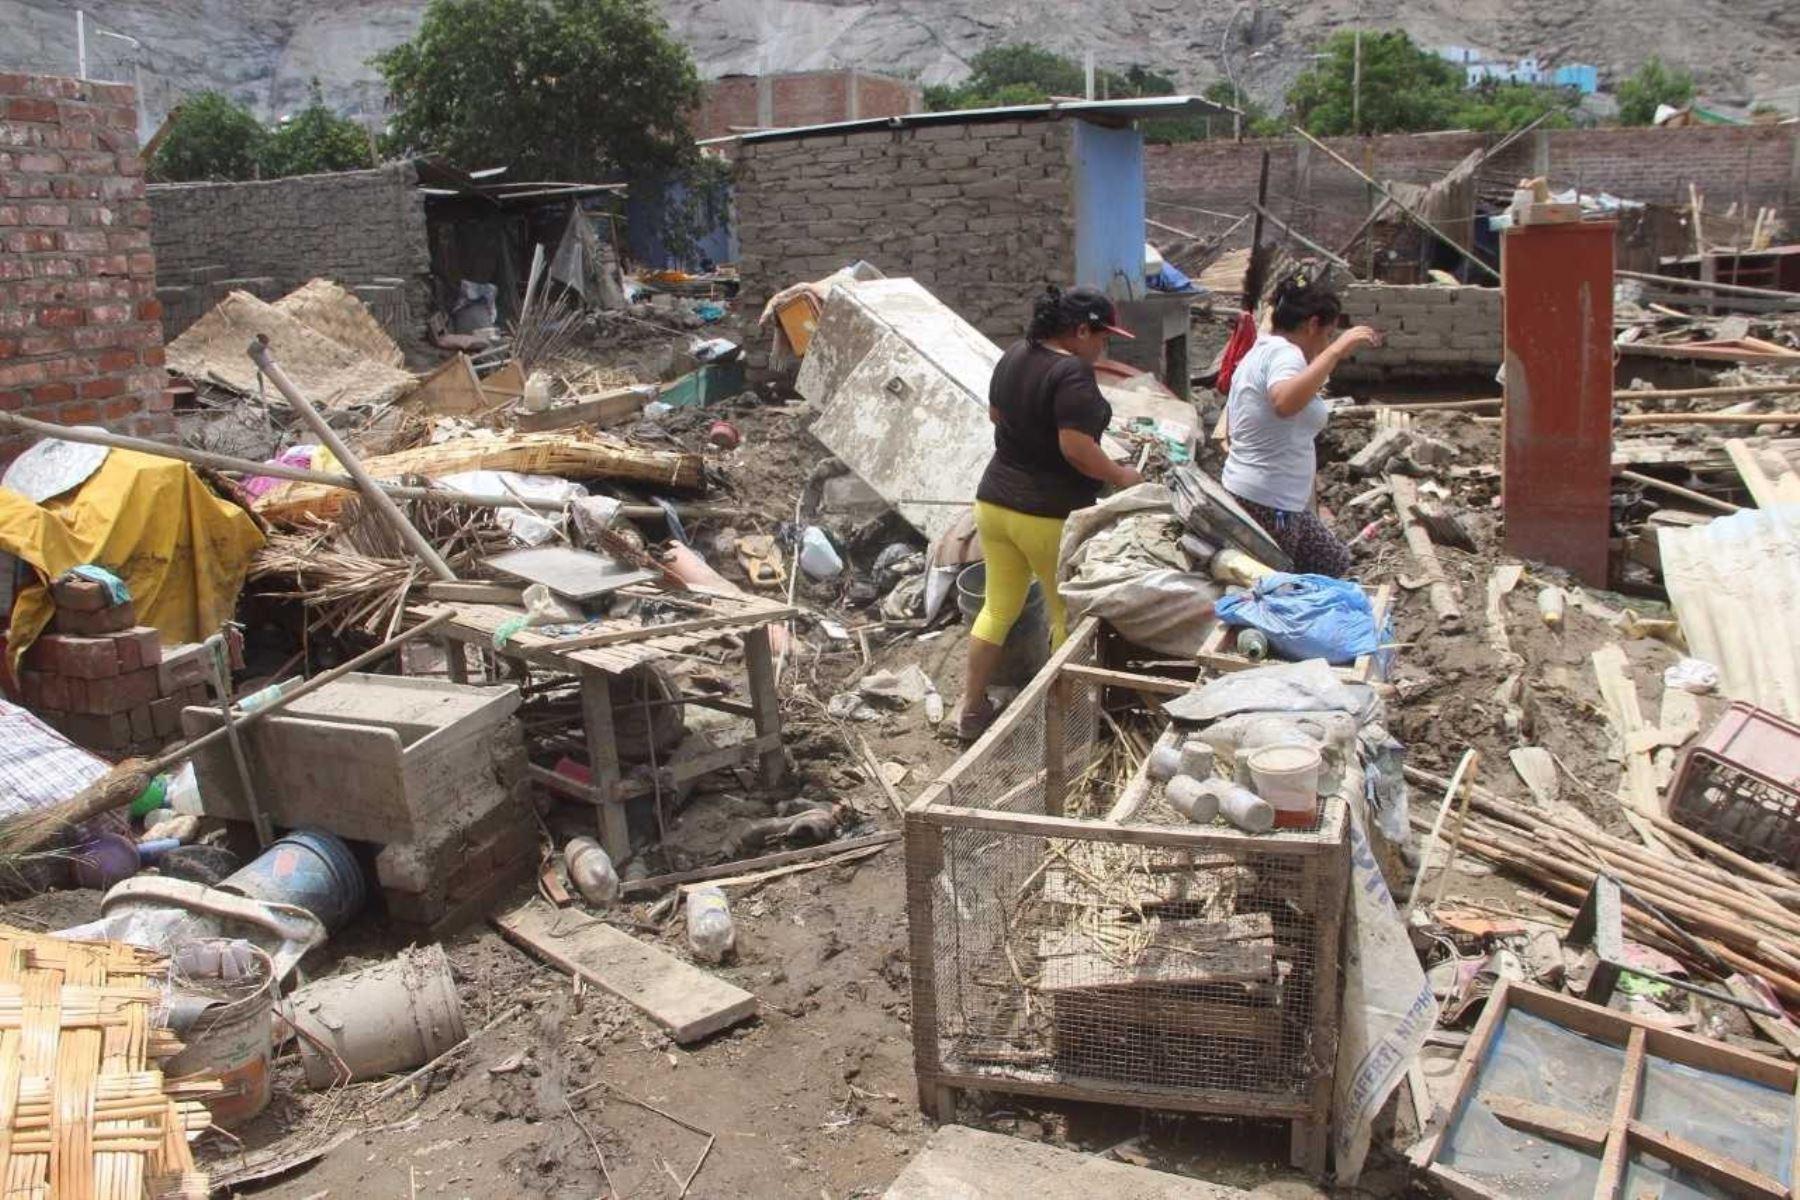 Reempadronamiento se realiza desde el jueves de la semana pasada y ya se han recorrido lugares como San Juan, Rinconada, Valle Progreso y La Cuadra, entre otras zonas rurales alrededor de la ciudad de Chimbote.